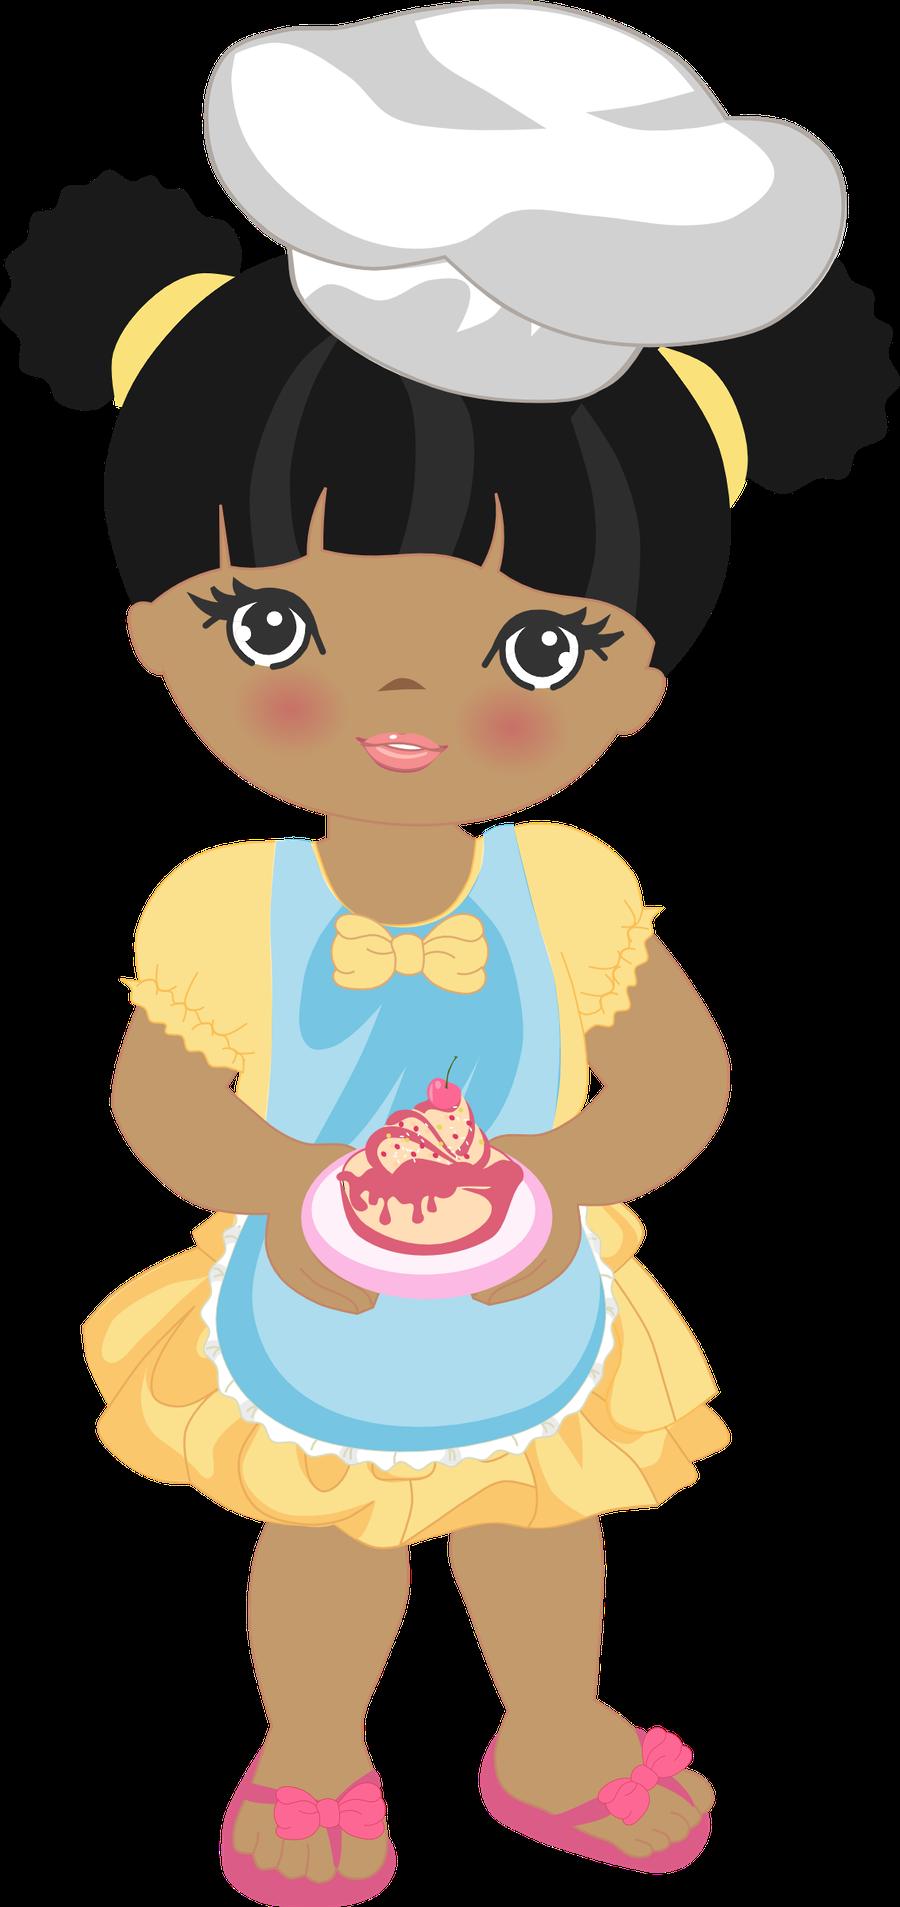 Minus Say Hello Desenhos De Bonecas Negras Arte De Cozinha